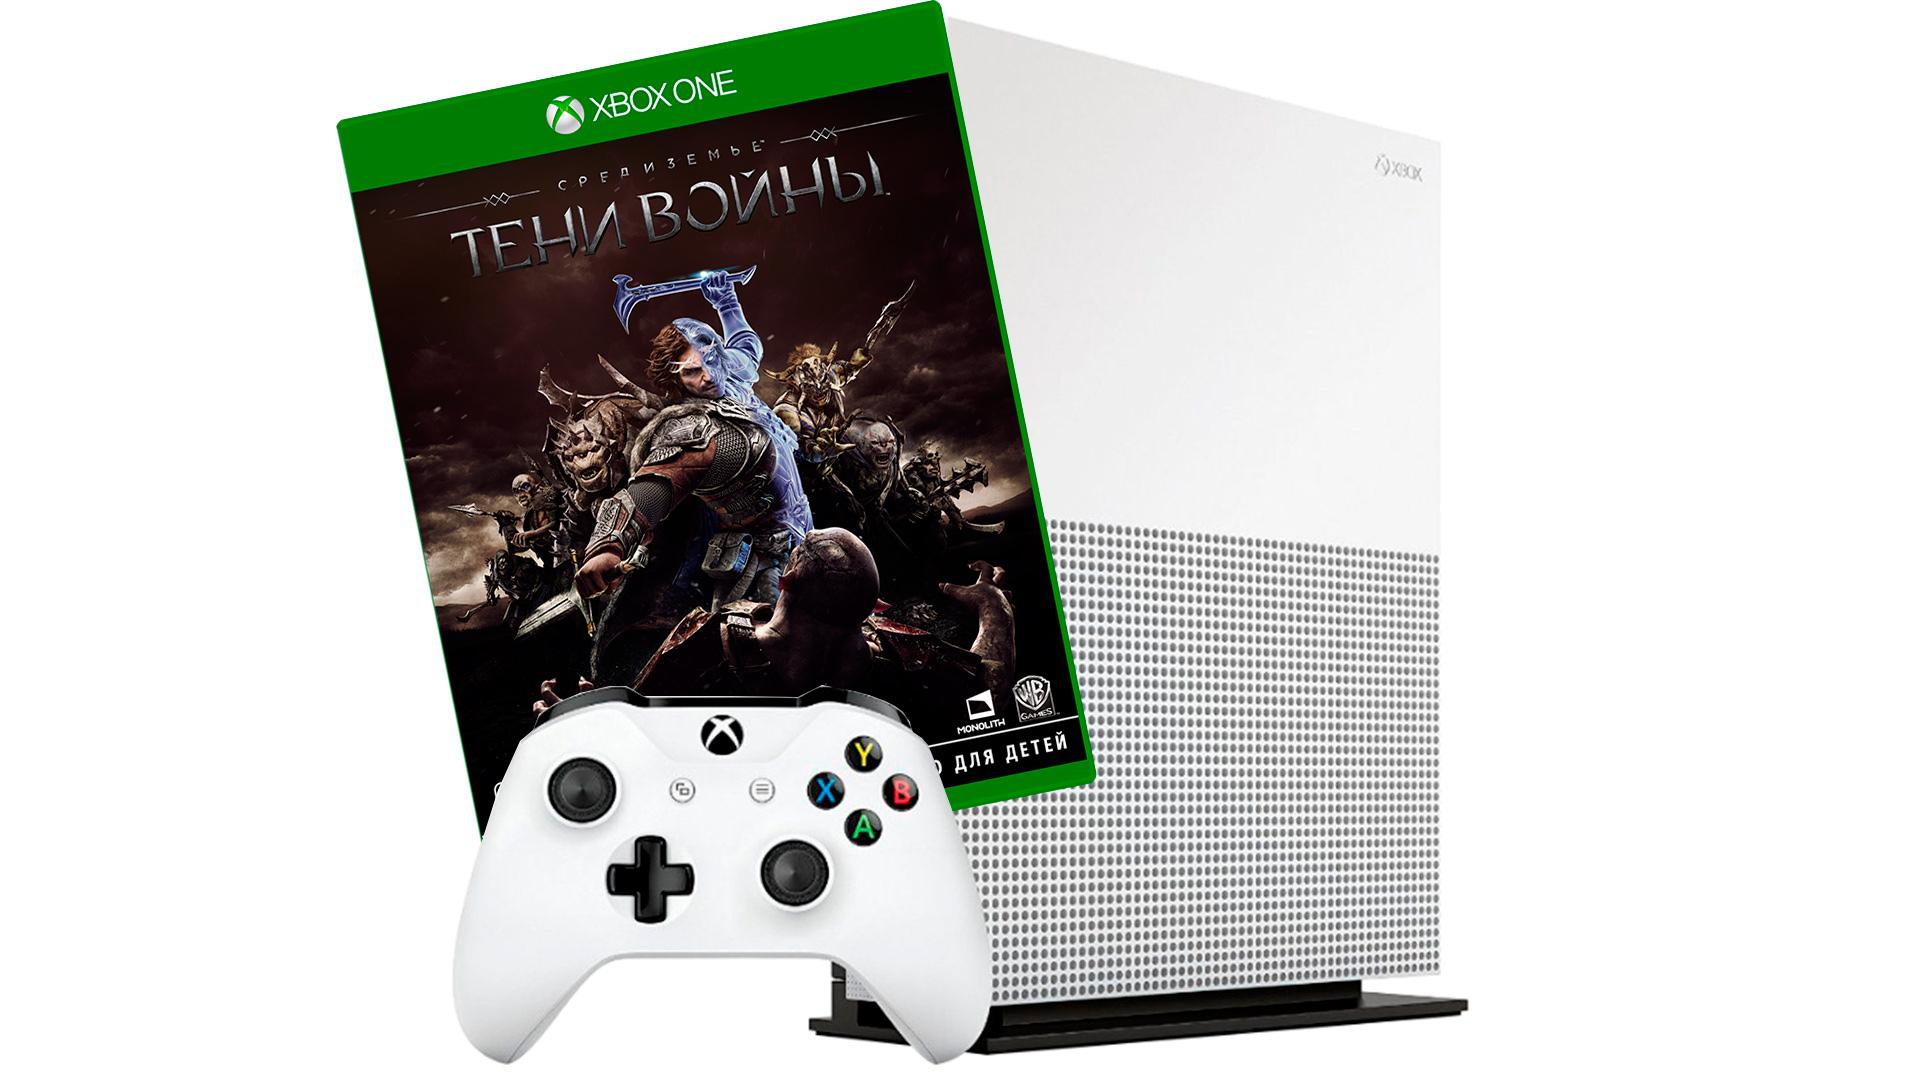 Xbox One S 500Gb и игра Средиземье: Тени войны [SXO5SRD]